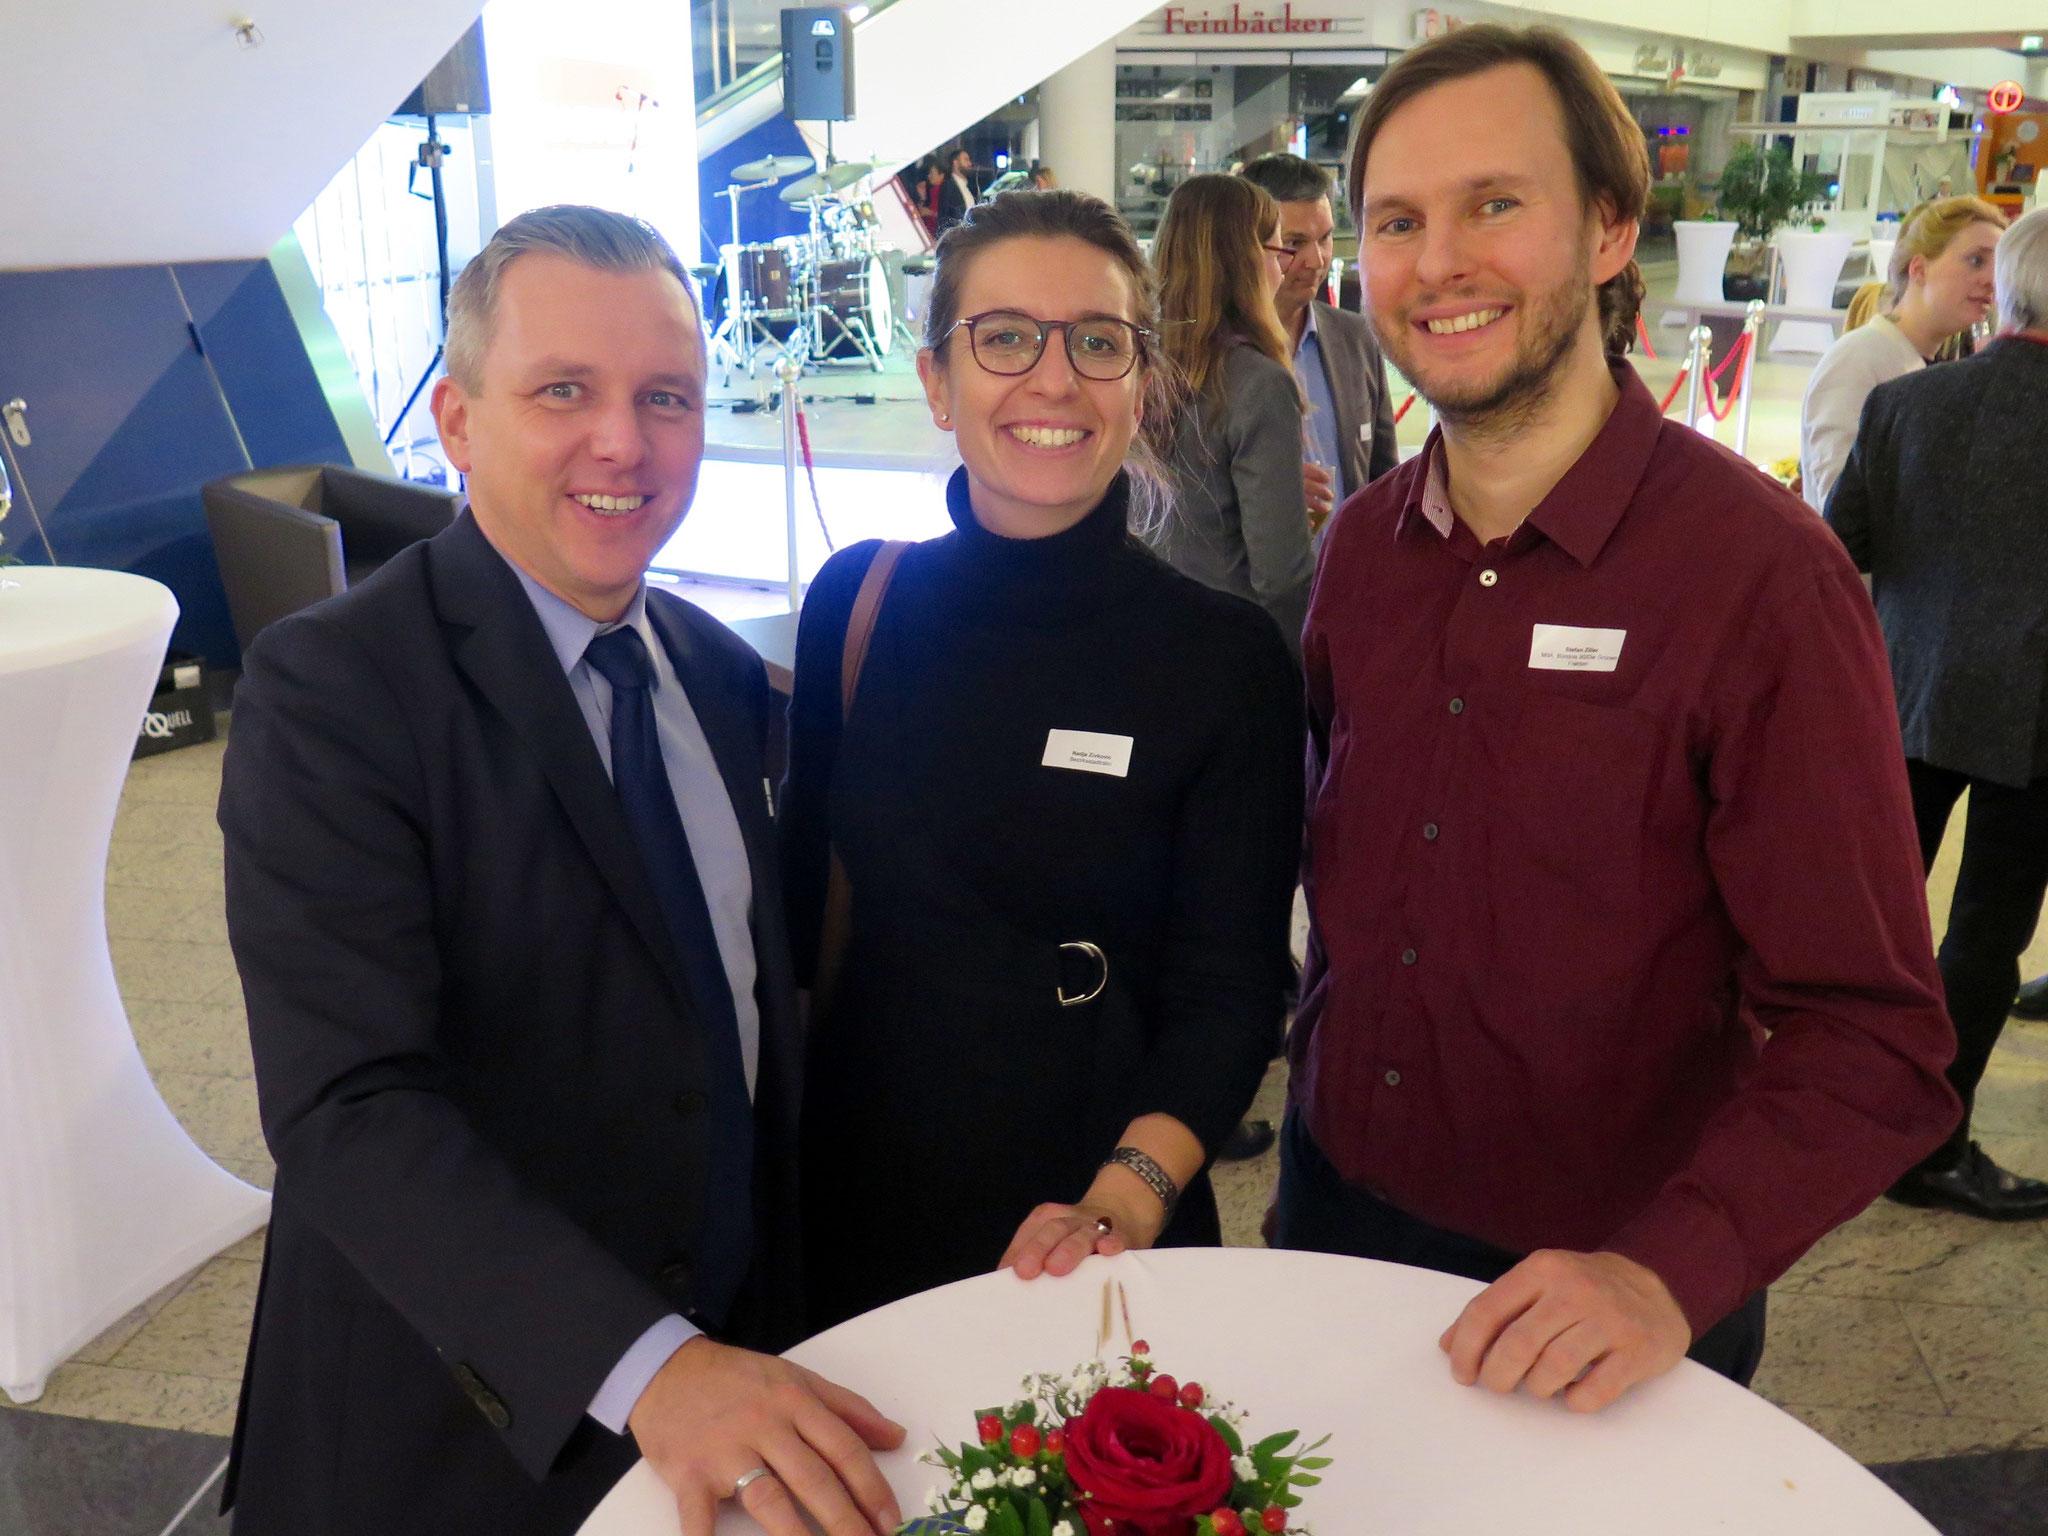 Alexander J. Herrmann (Vorsitzender der CDU-Fraktion in der BVV Marzahn-Hellersdorf) mit Bezirksstadträtin Nadja Zivkovic (CDU) und dem Grünen-Abgeordneten Stefan Ziller.